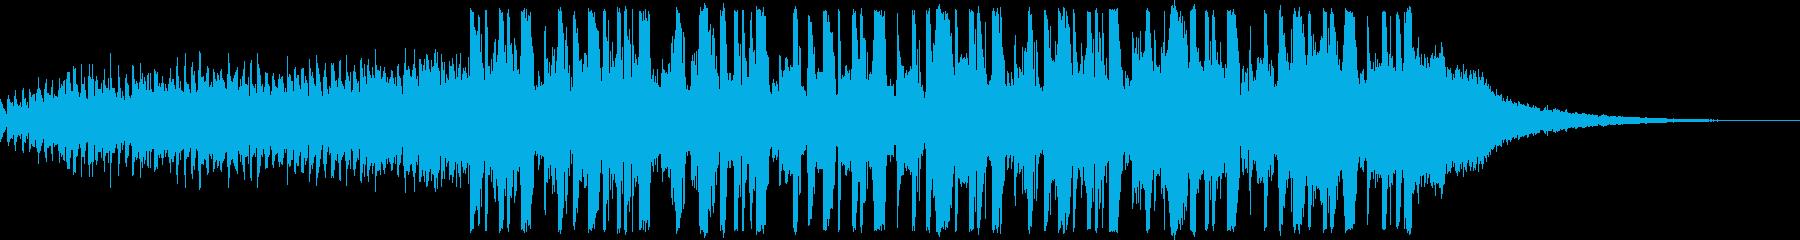 いえ サスペンス 技術的な ハイテ...の再生済みの波形